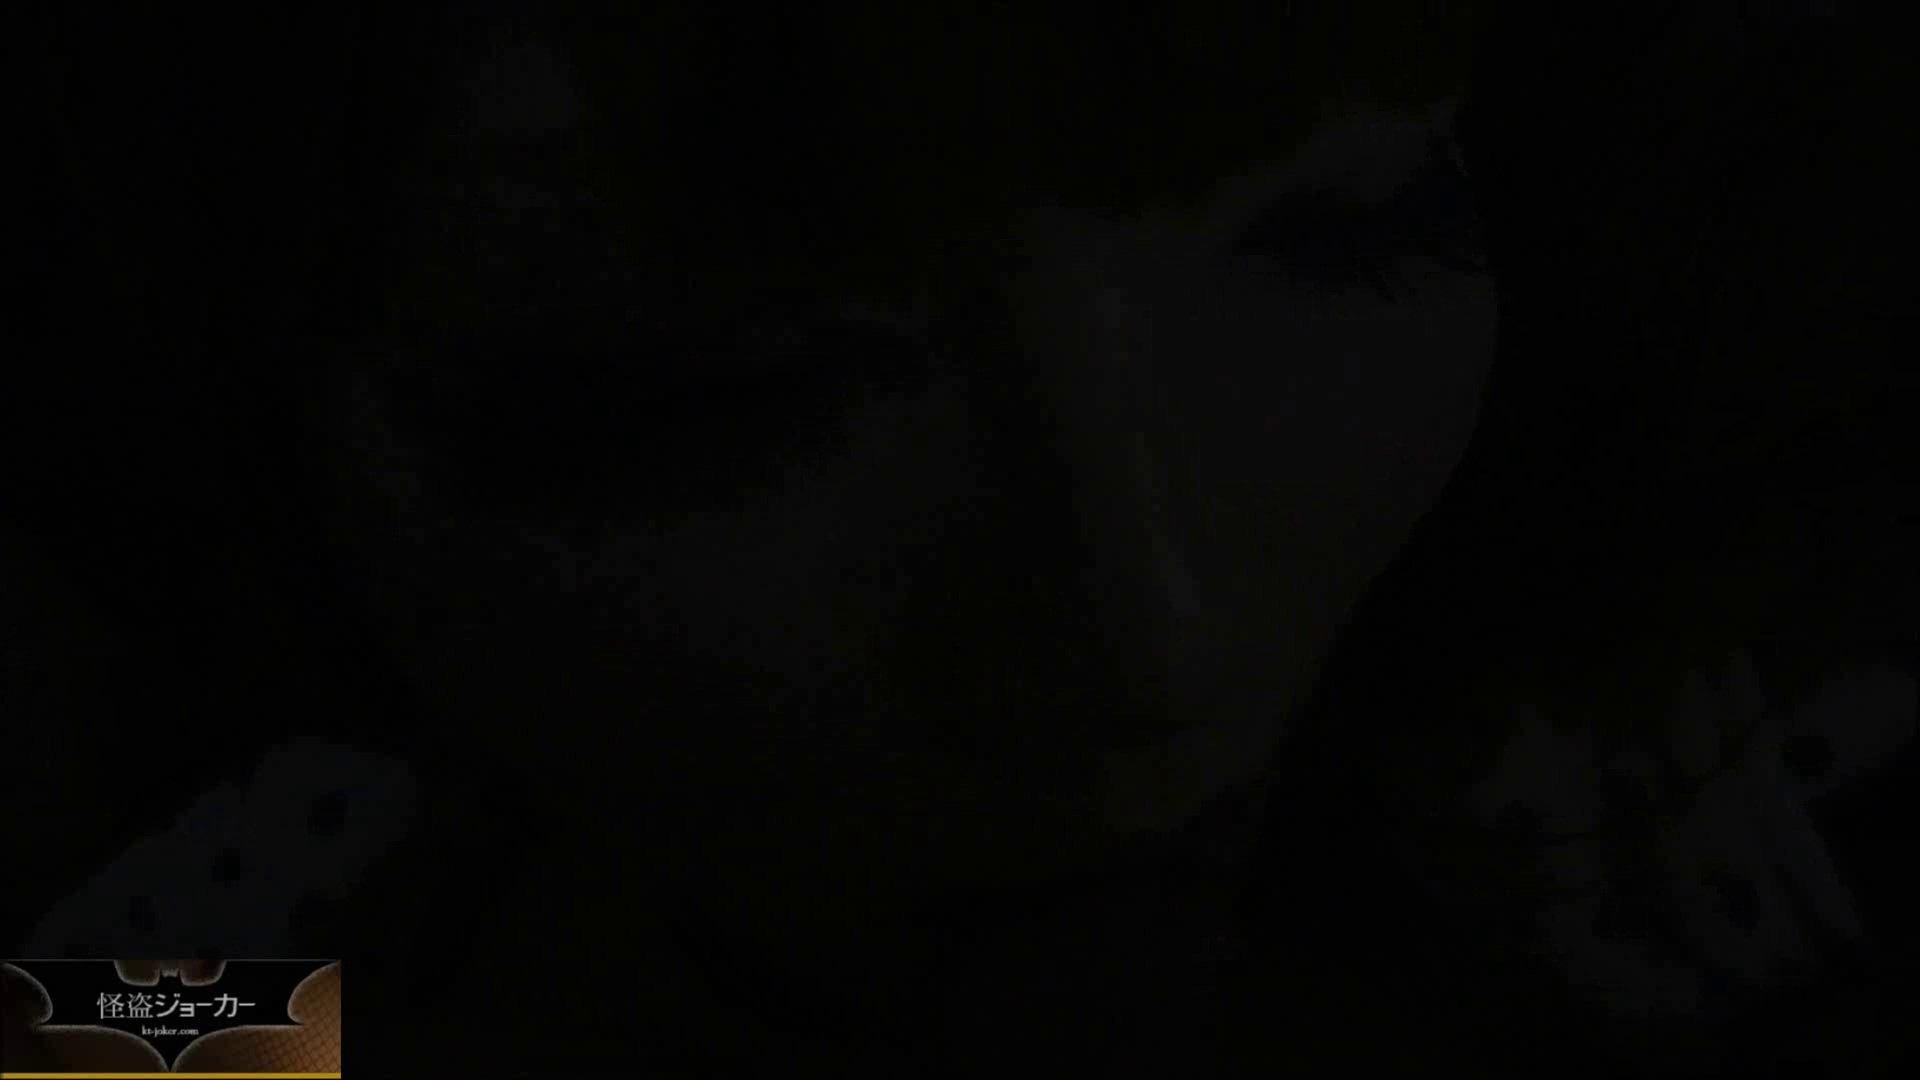 【未公開】vol.1 【ユリナの実女市・ヒトミ】若ママを目民らせて・・・ 知人  103連発 93